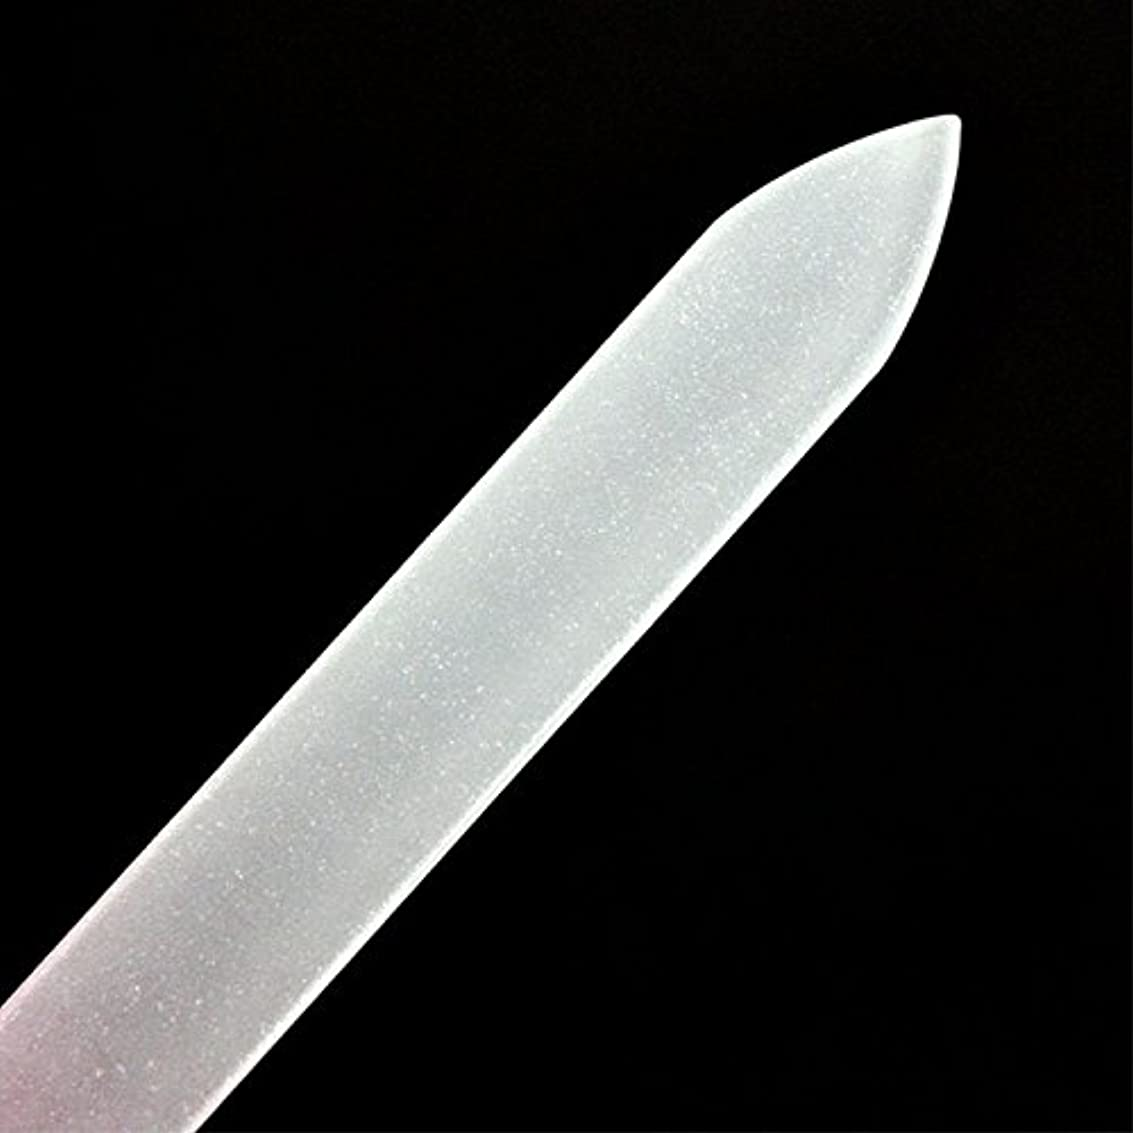 ホテルセント三角形爪磨き つめみがき ネイルケア 爪やすり 用品ガラス製爪ヤスリ ガラス製 ケース付 つめやすり甘皮 ケア